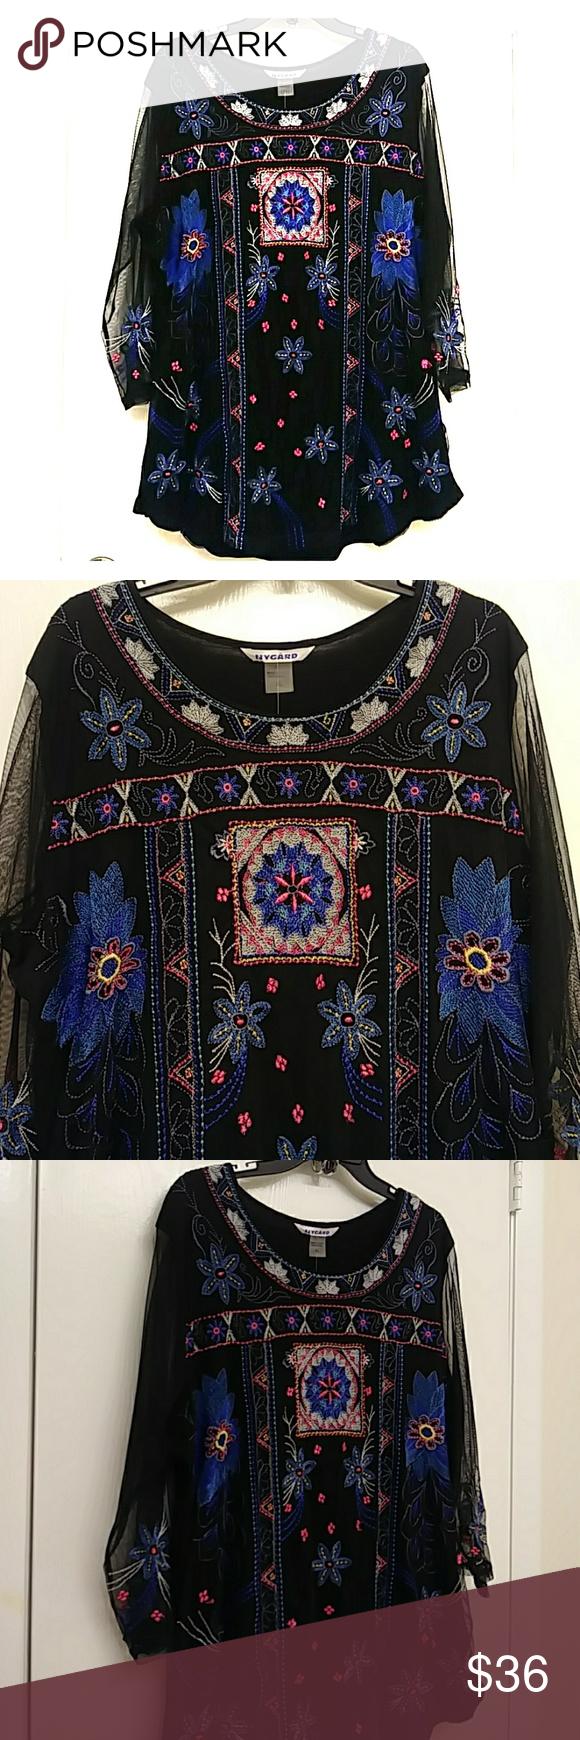 Peter NYGård Black Embroidery Tunic Sz XL Fashion